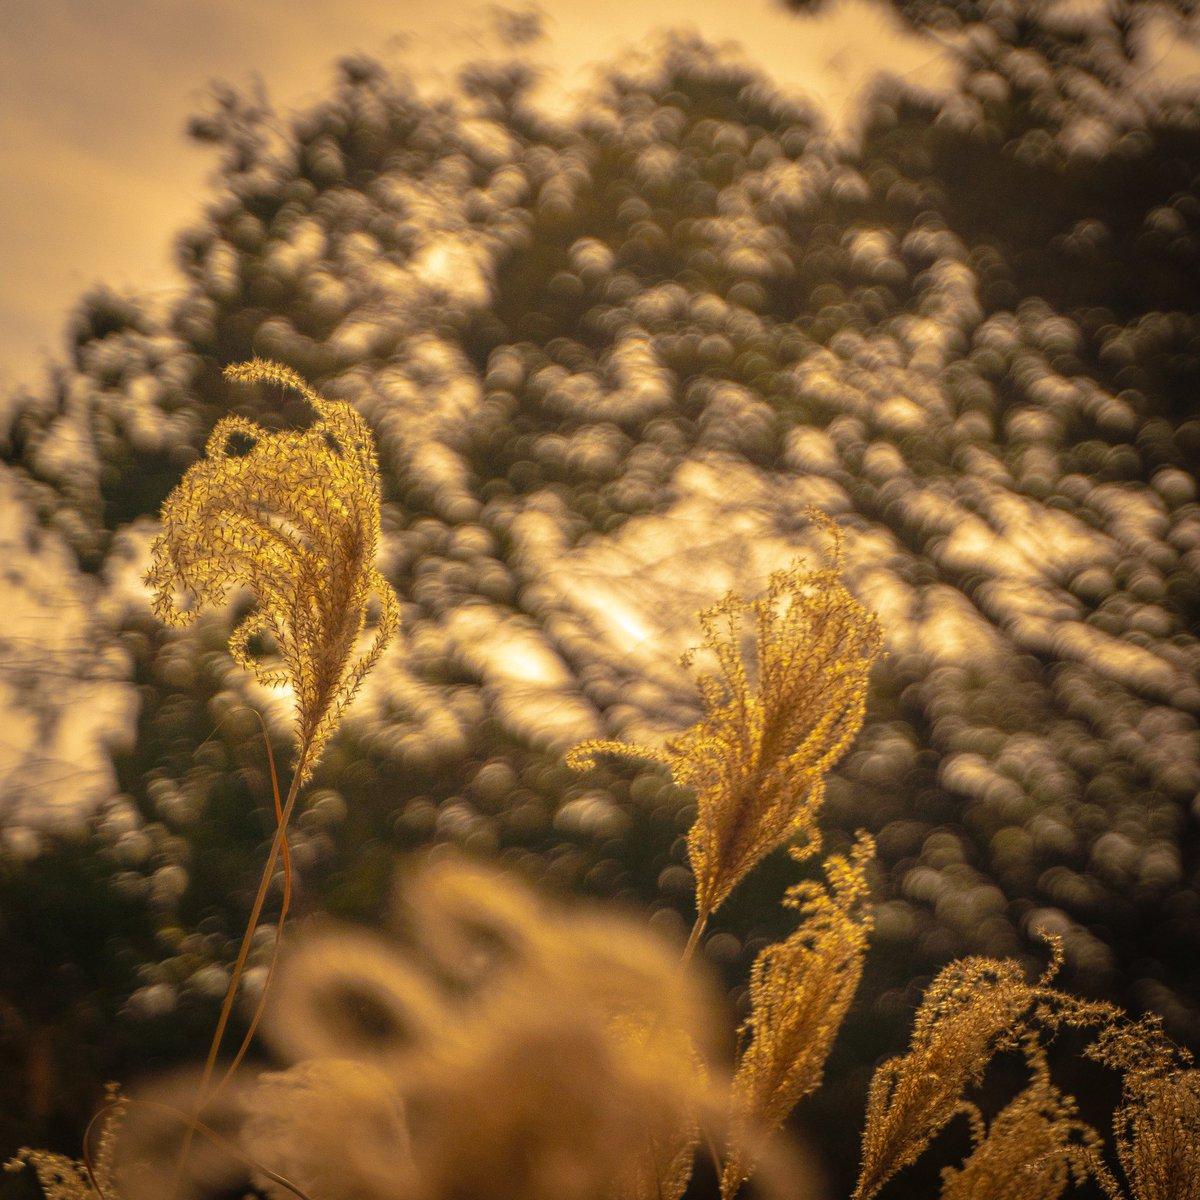 冬のすすきの柔らかさは暖かい #ススキ #写真 #photooftheday #キリトリセカイ #写真撮ってる人と繋がりたい